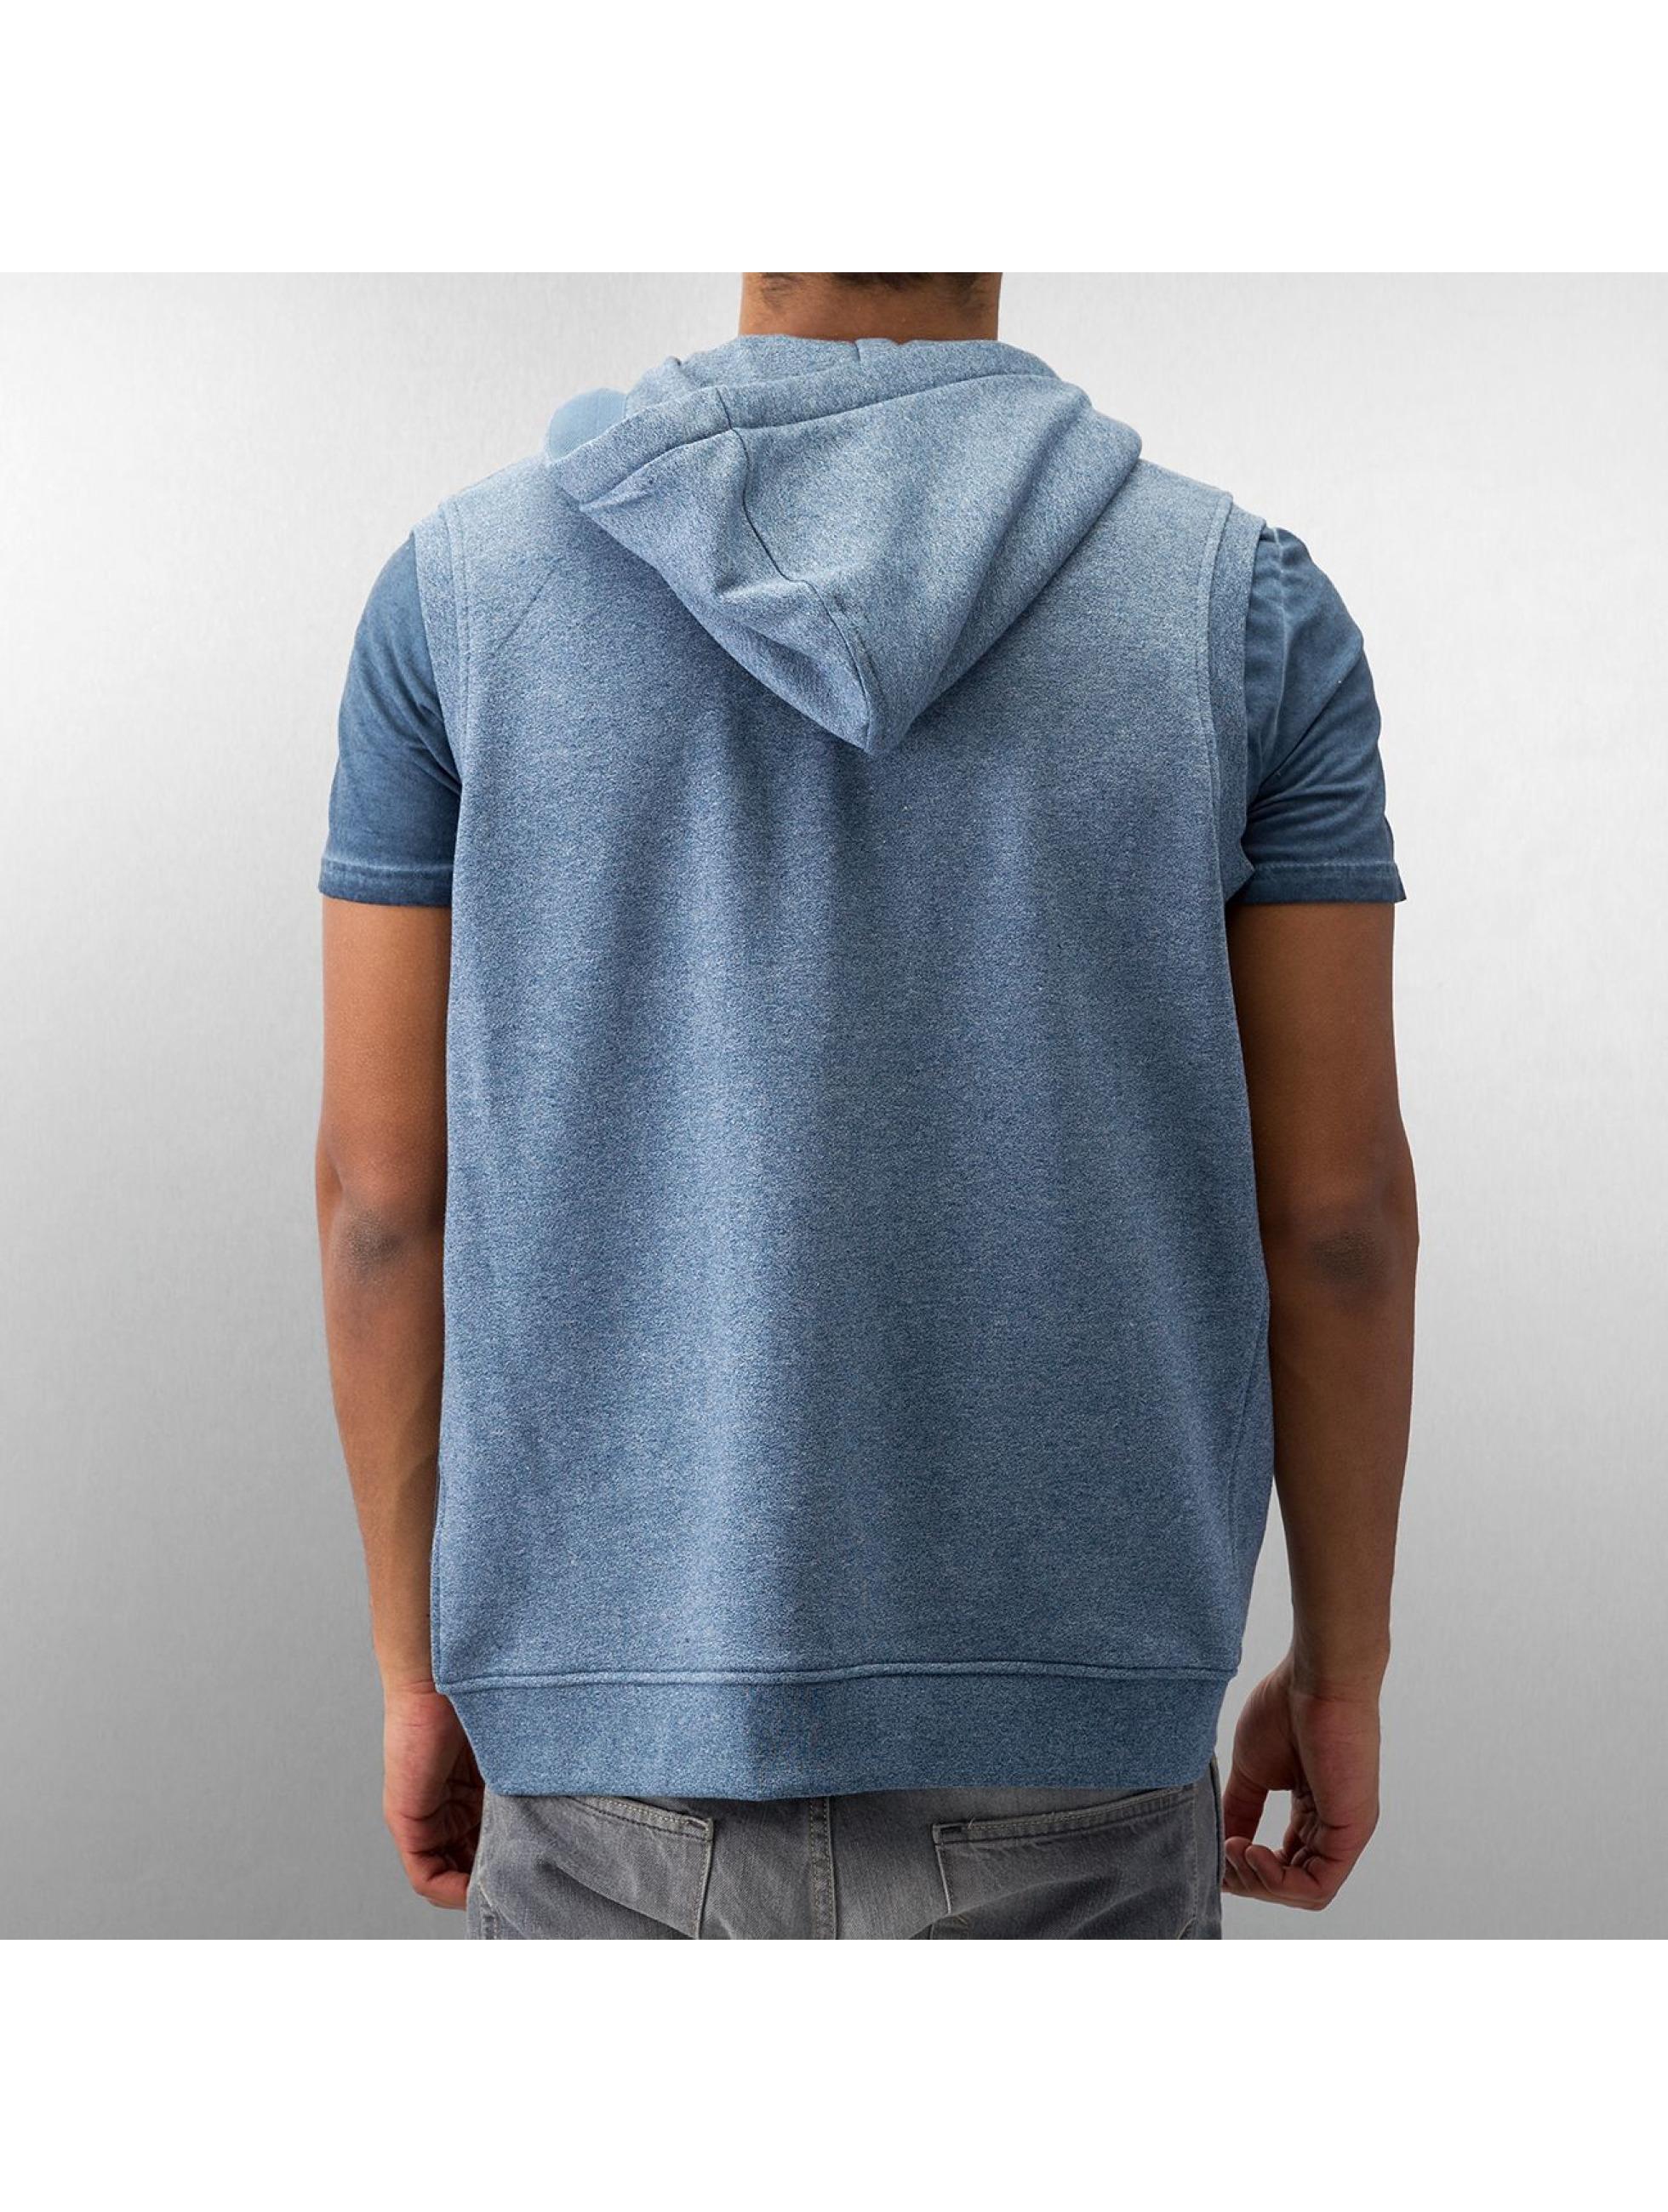 Urban Classics Zip Hoodie Melange Hooded blau